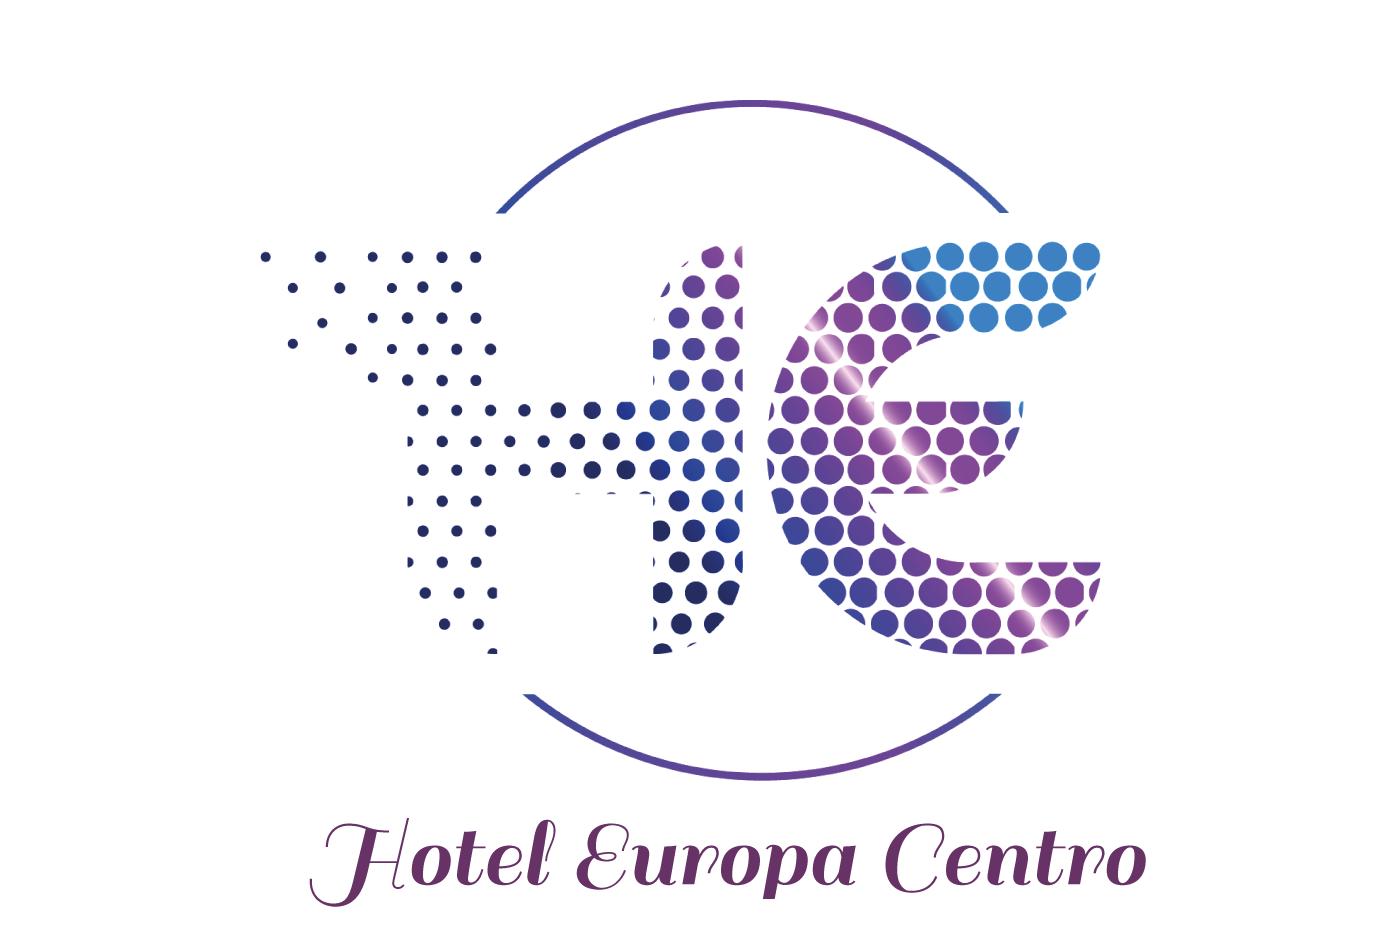 Europa Centro